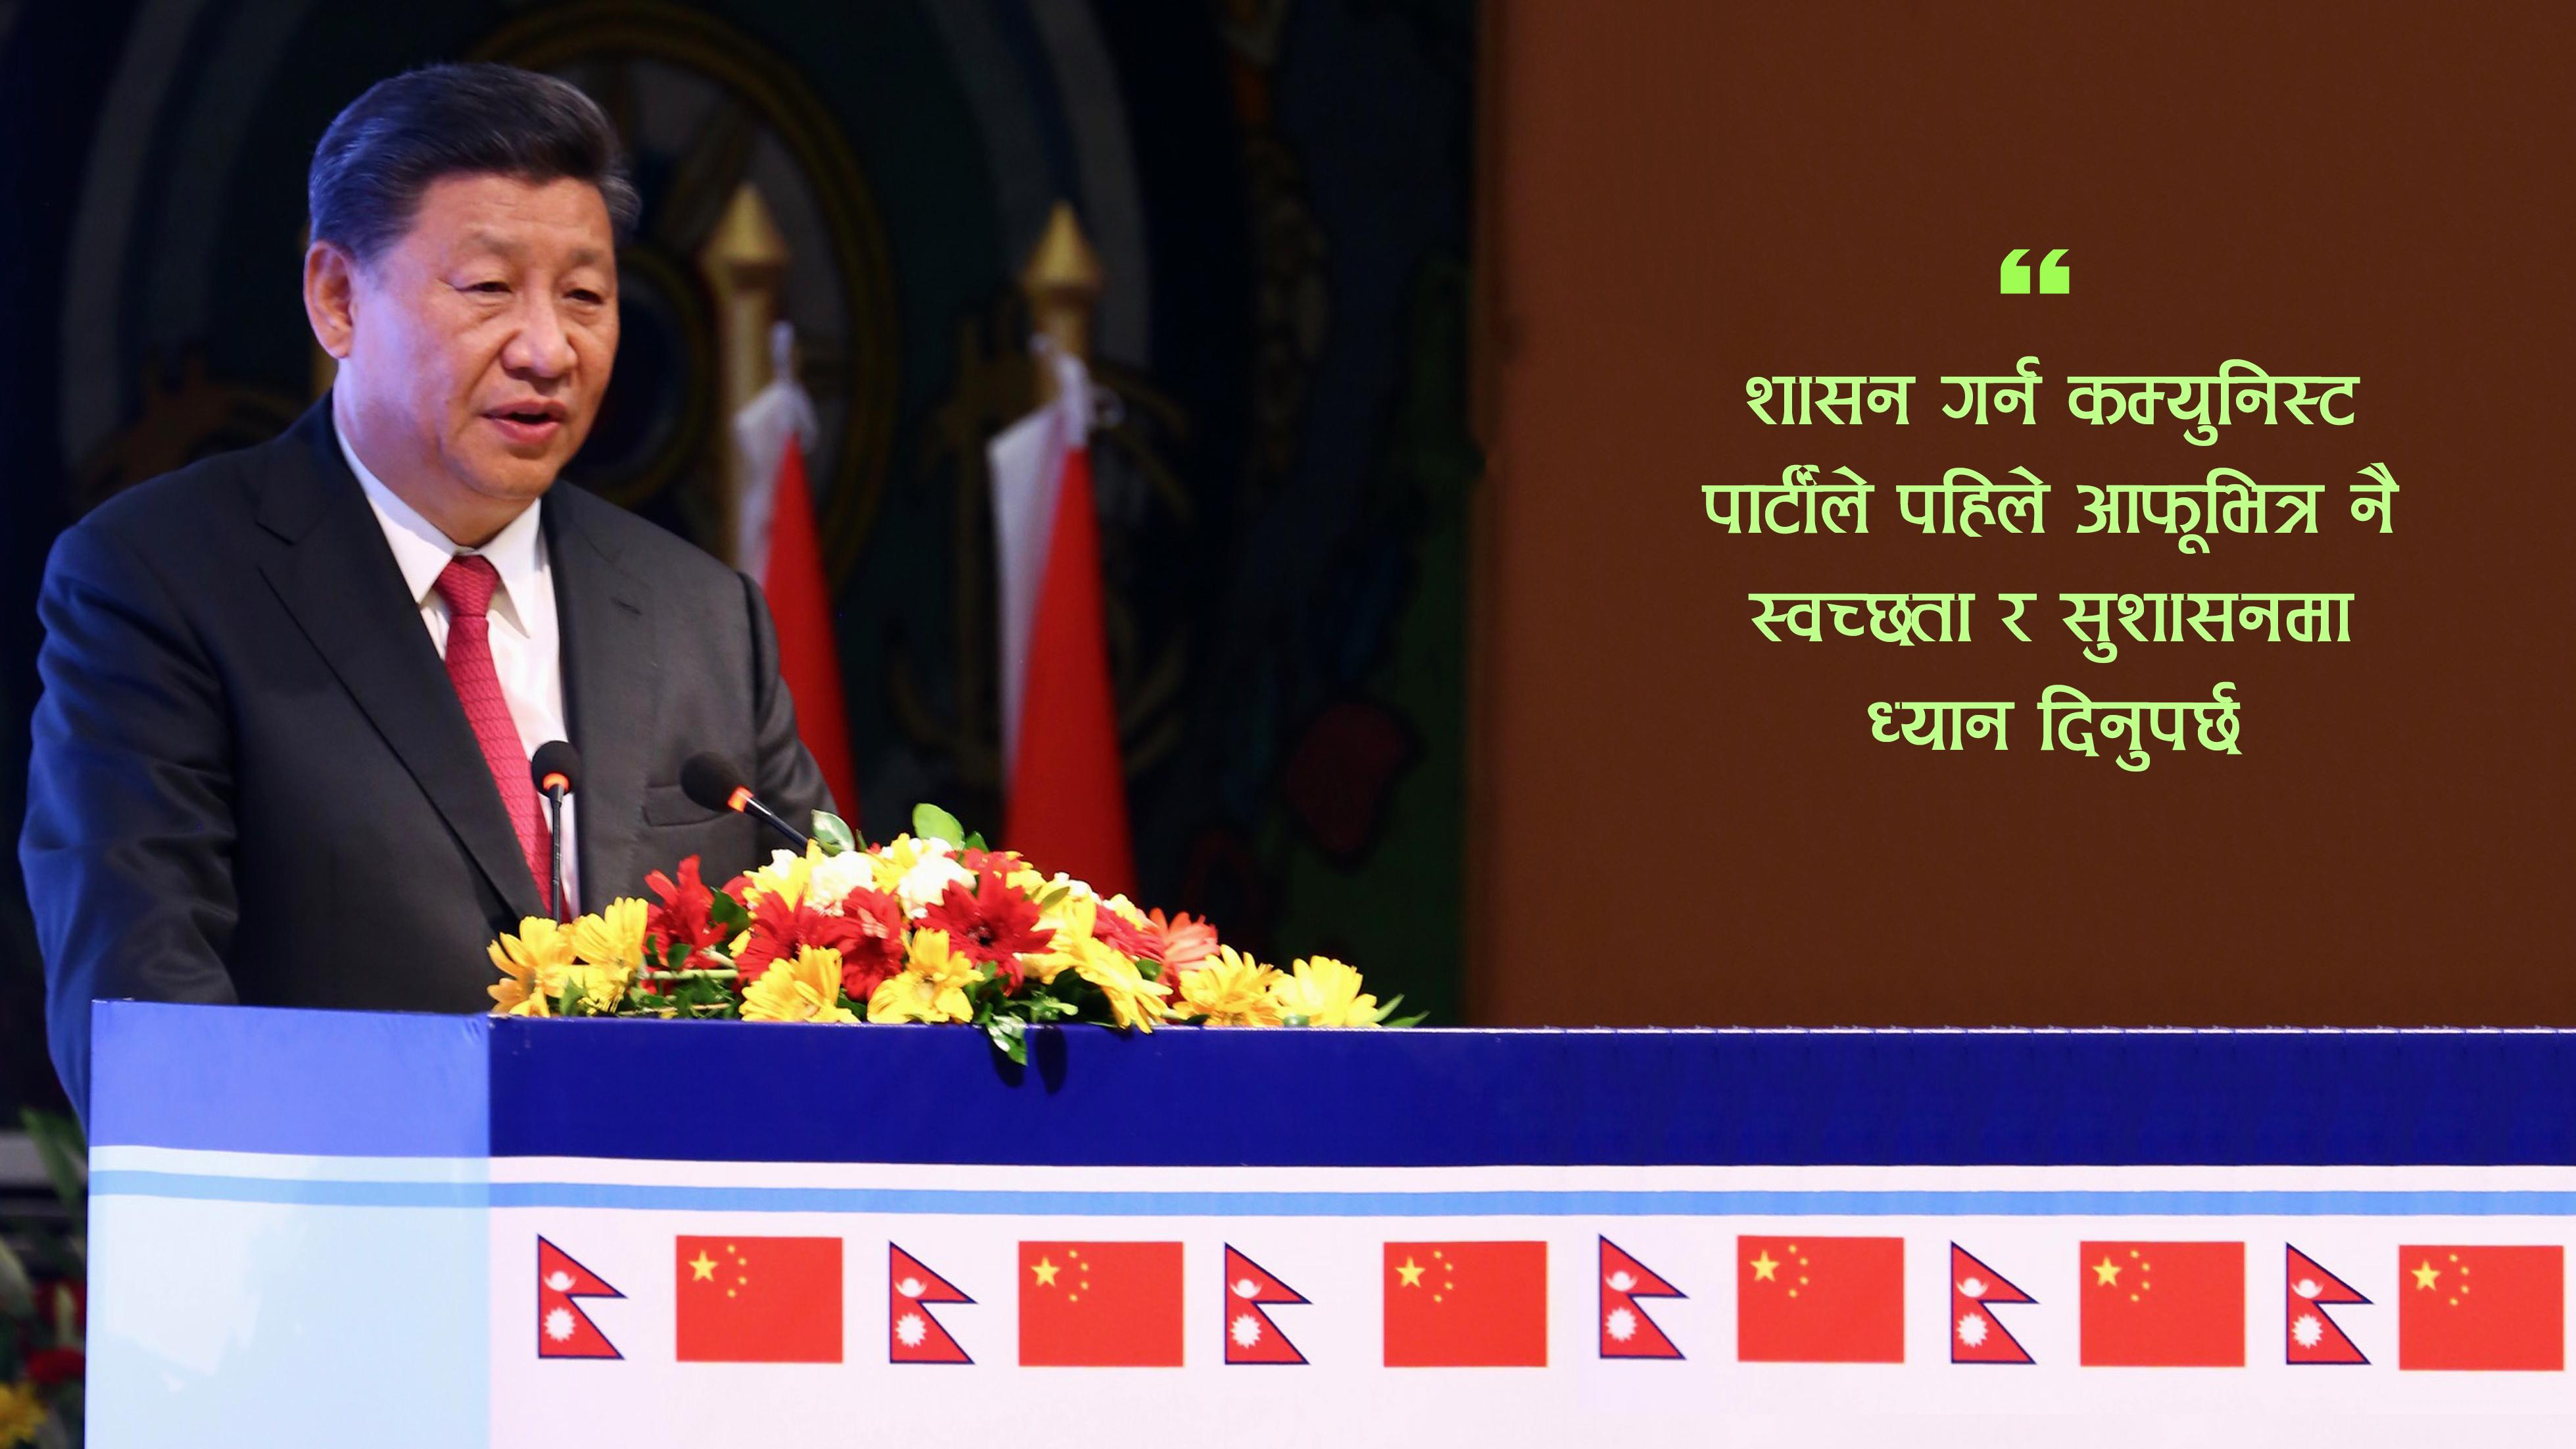 नेपाली नेतृत्वलाई शीको सन्देश– नबिराऊ, नडराऊ अनि खुरुखुरु काम गर !